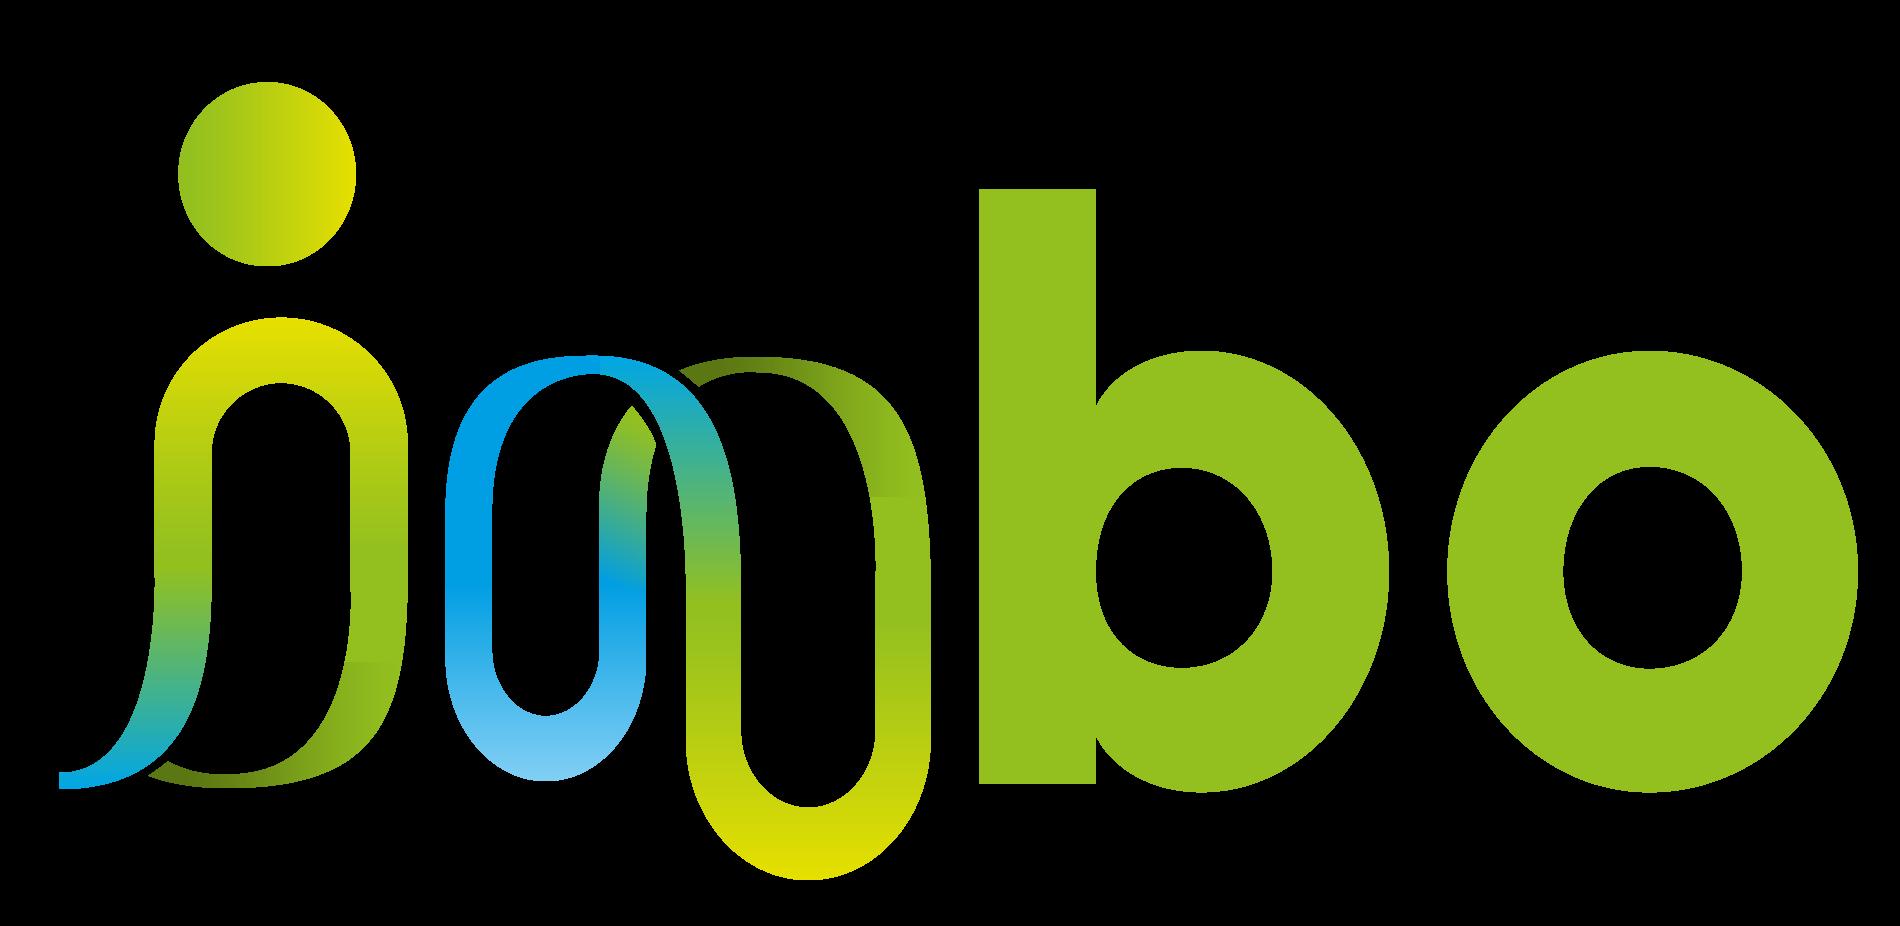 inbo-trans